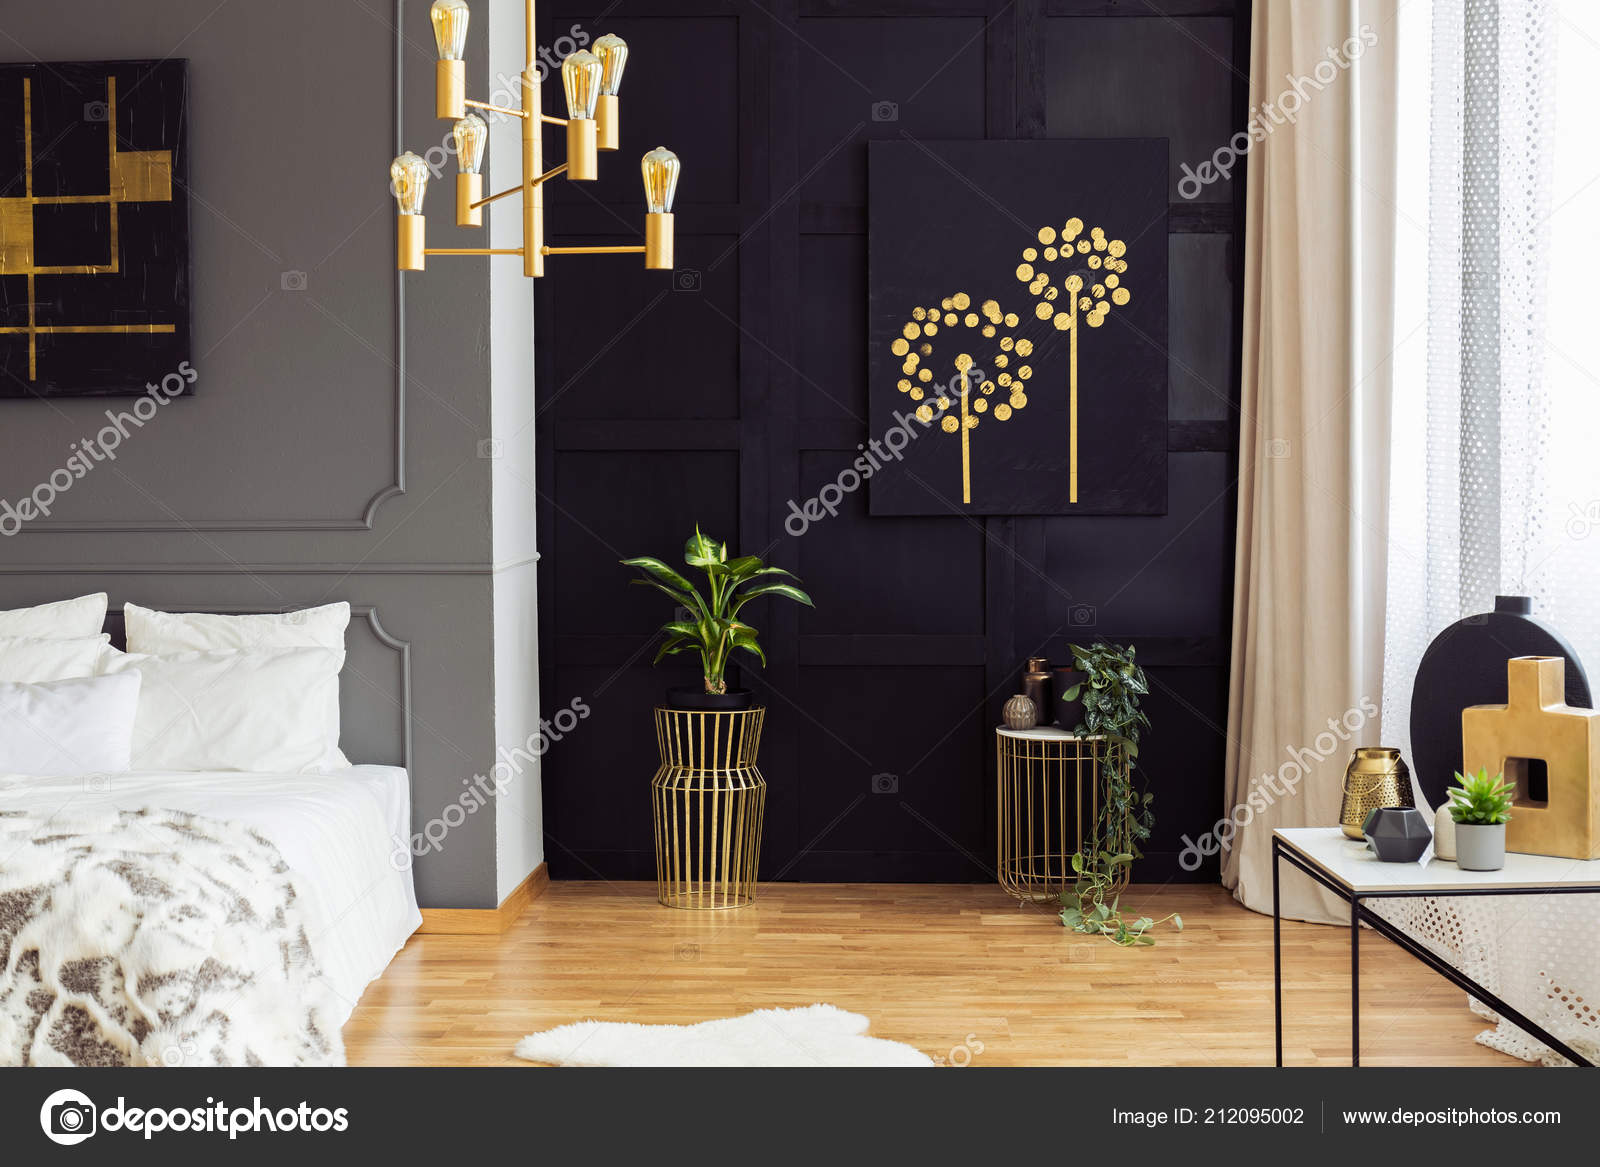 Zwart goud poster boven planten slaapkamer interieur met witte